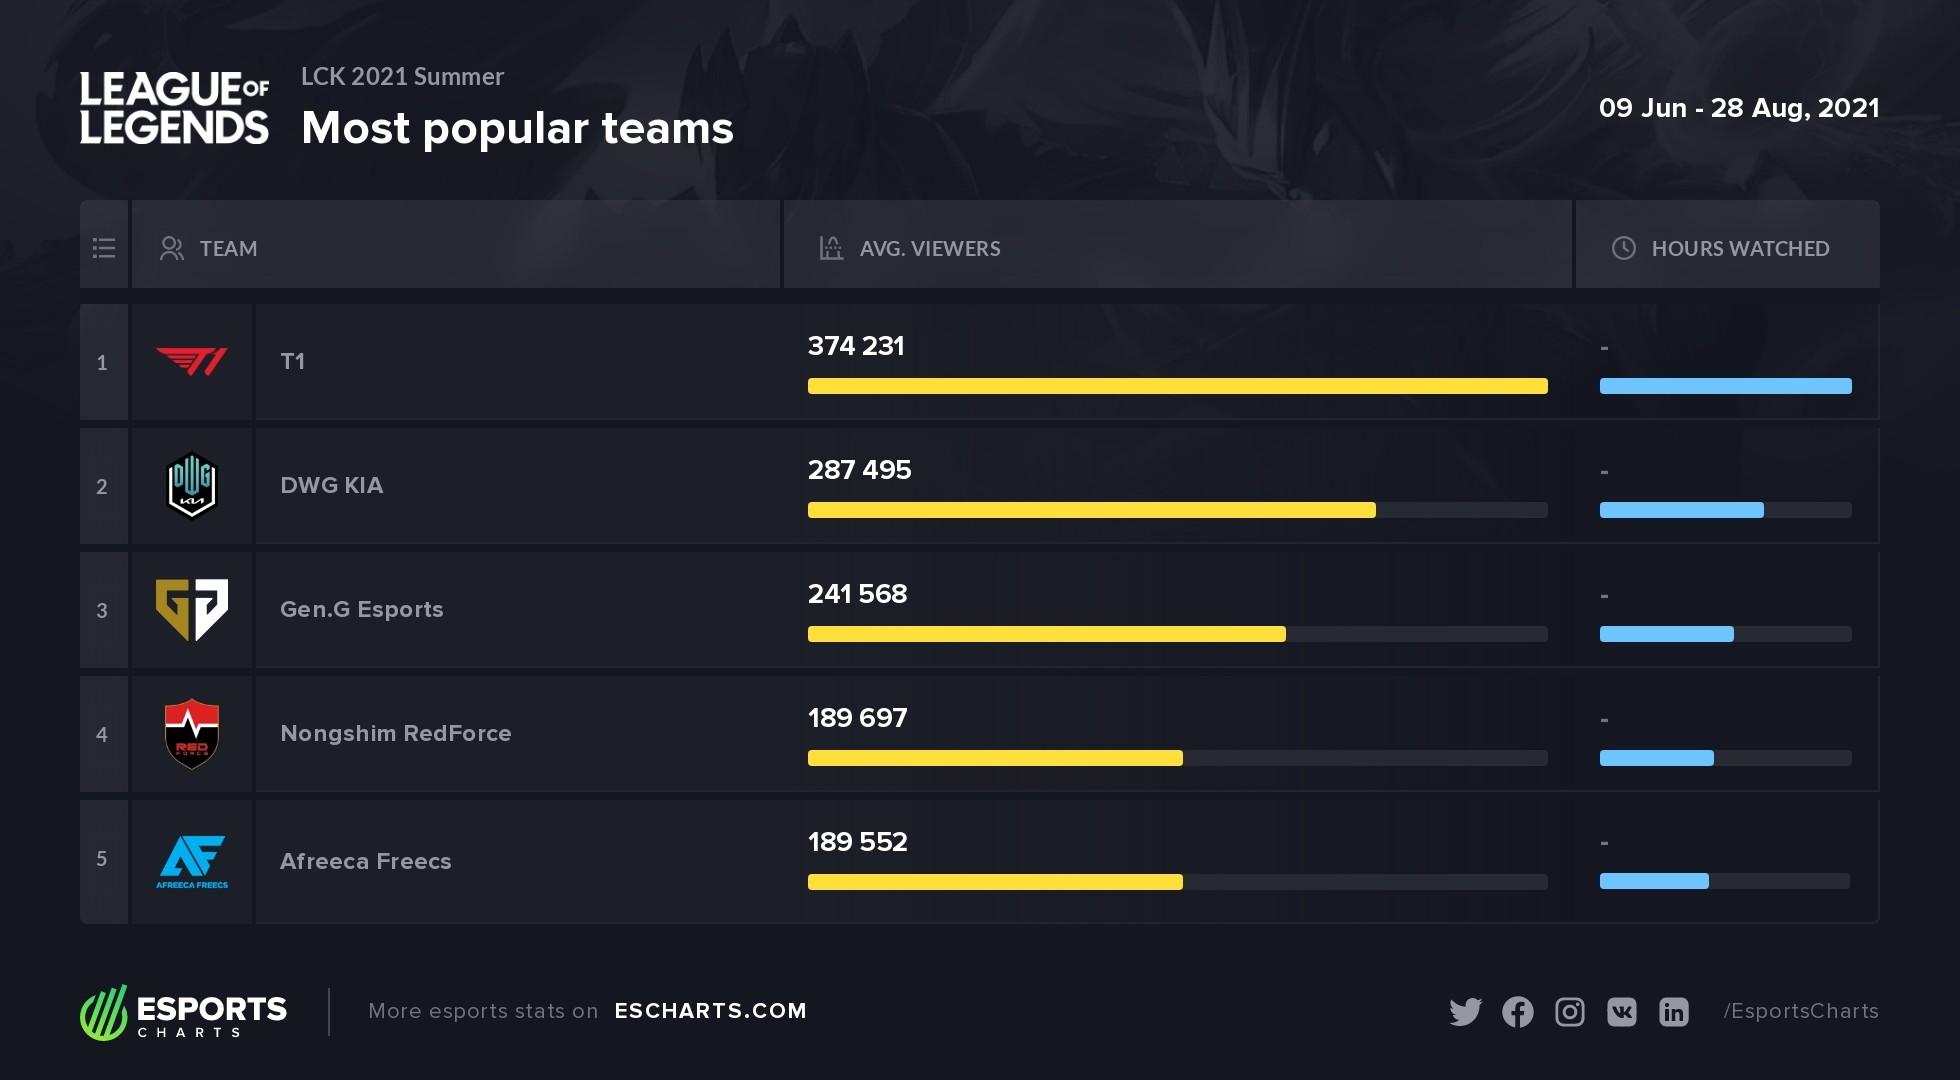 Most popular teams of LCK 2021 Summer